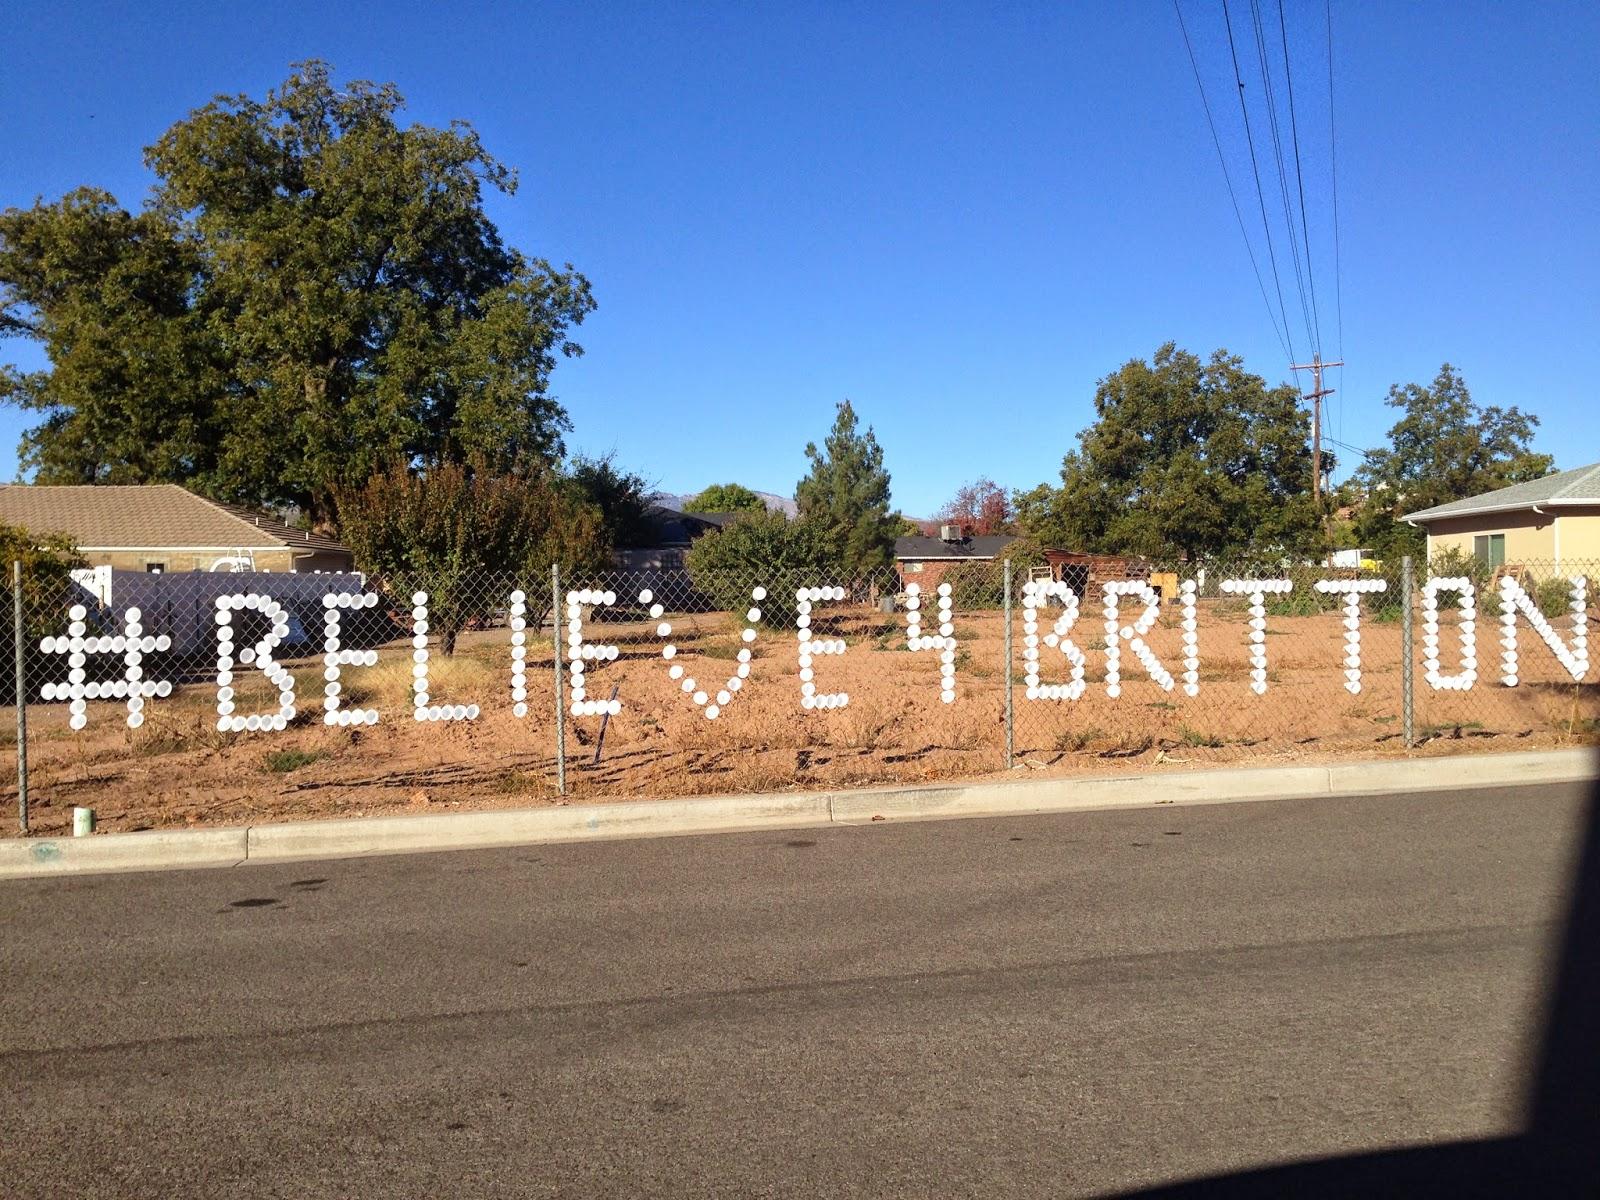 britton-1.jpg